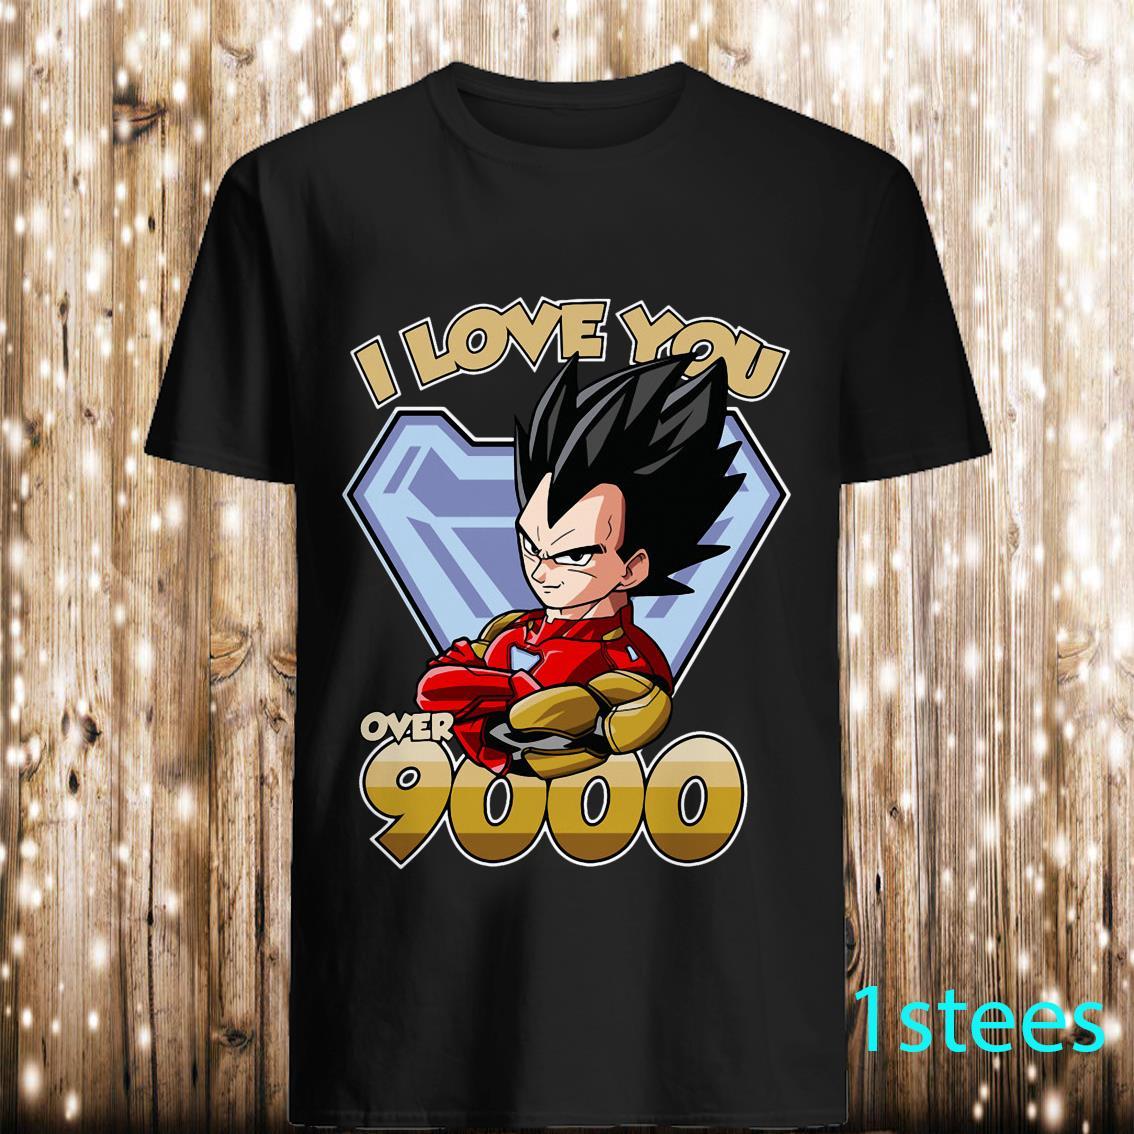 I Love You Over 9000 Dragon Ball Vegeta Shirt